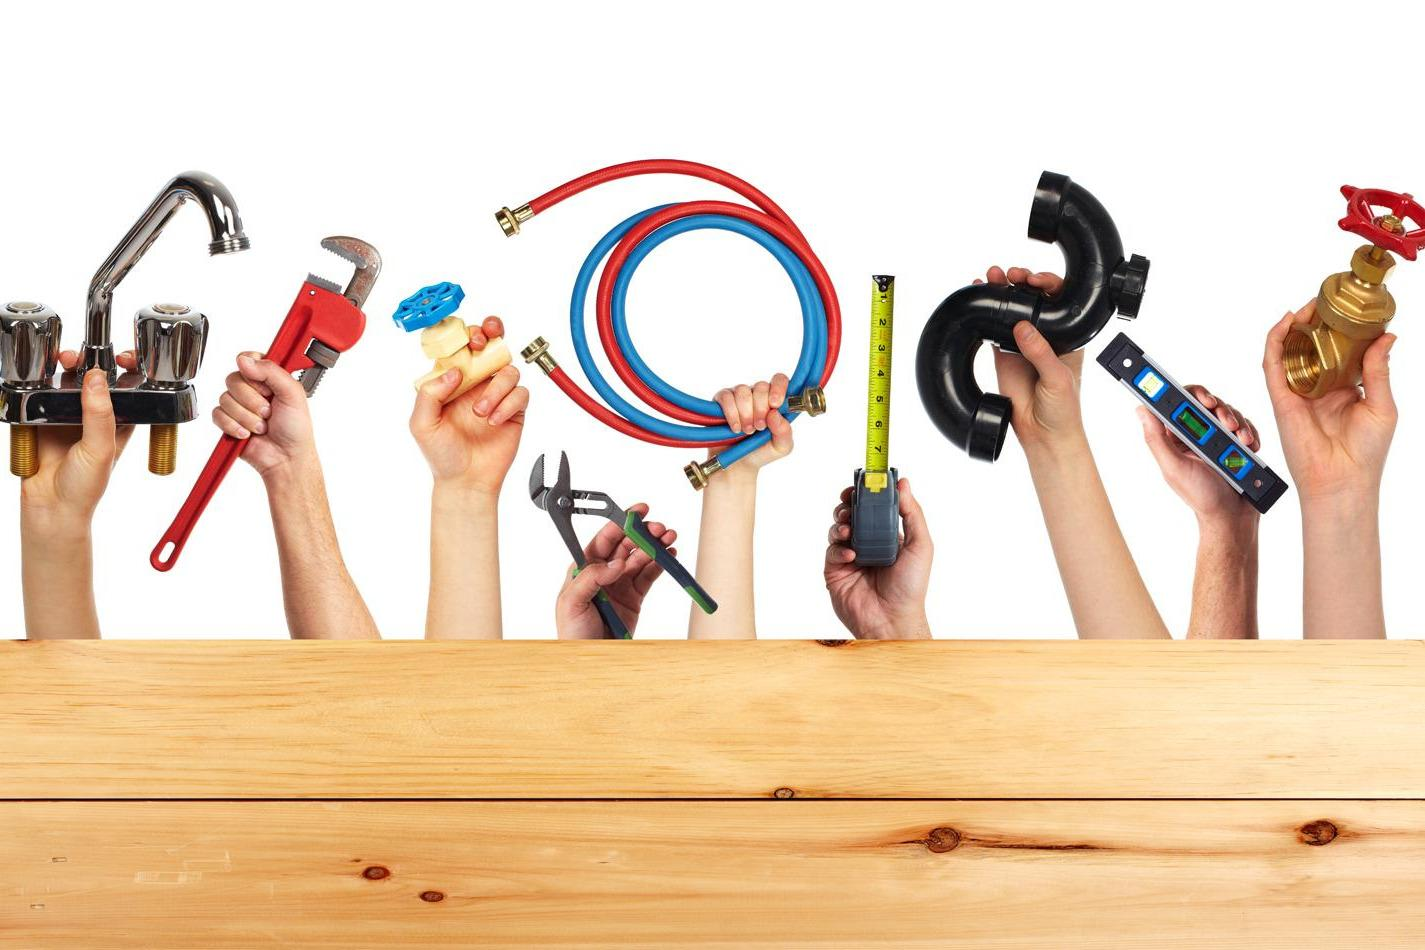 Blog bricolage : quel est le rôle d'une femme dans un chantier de bricolage ?